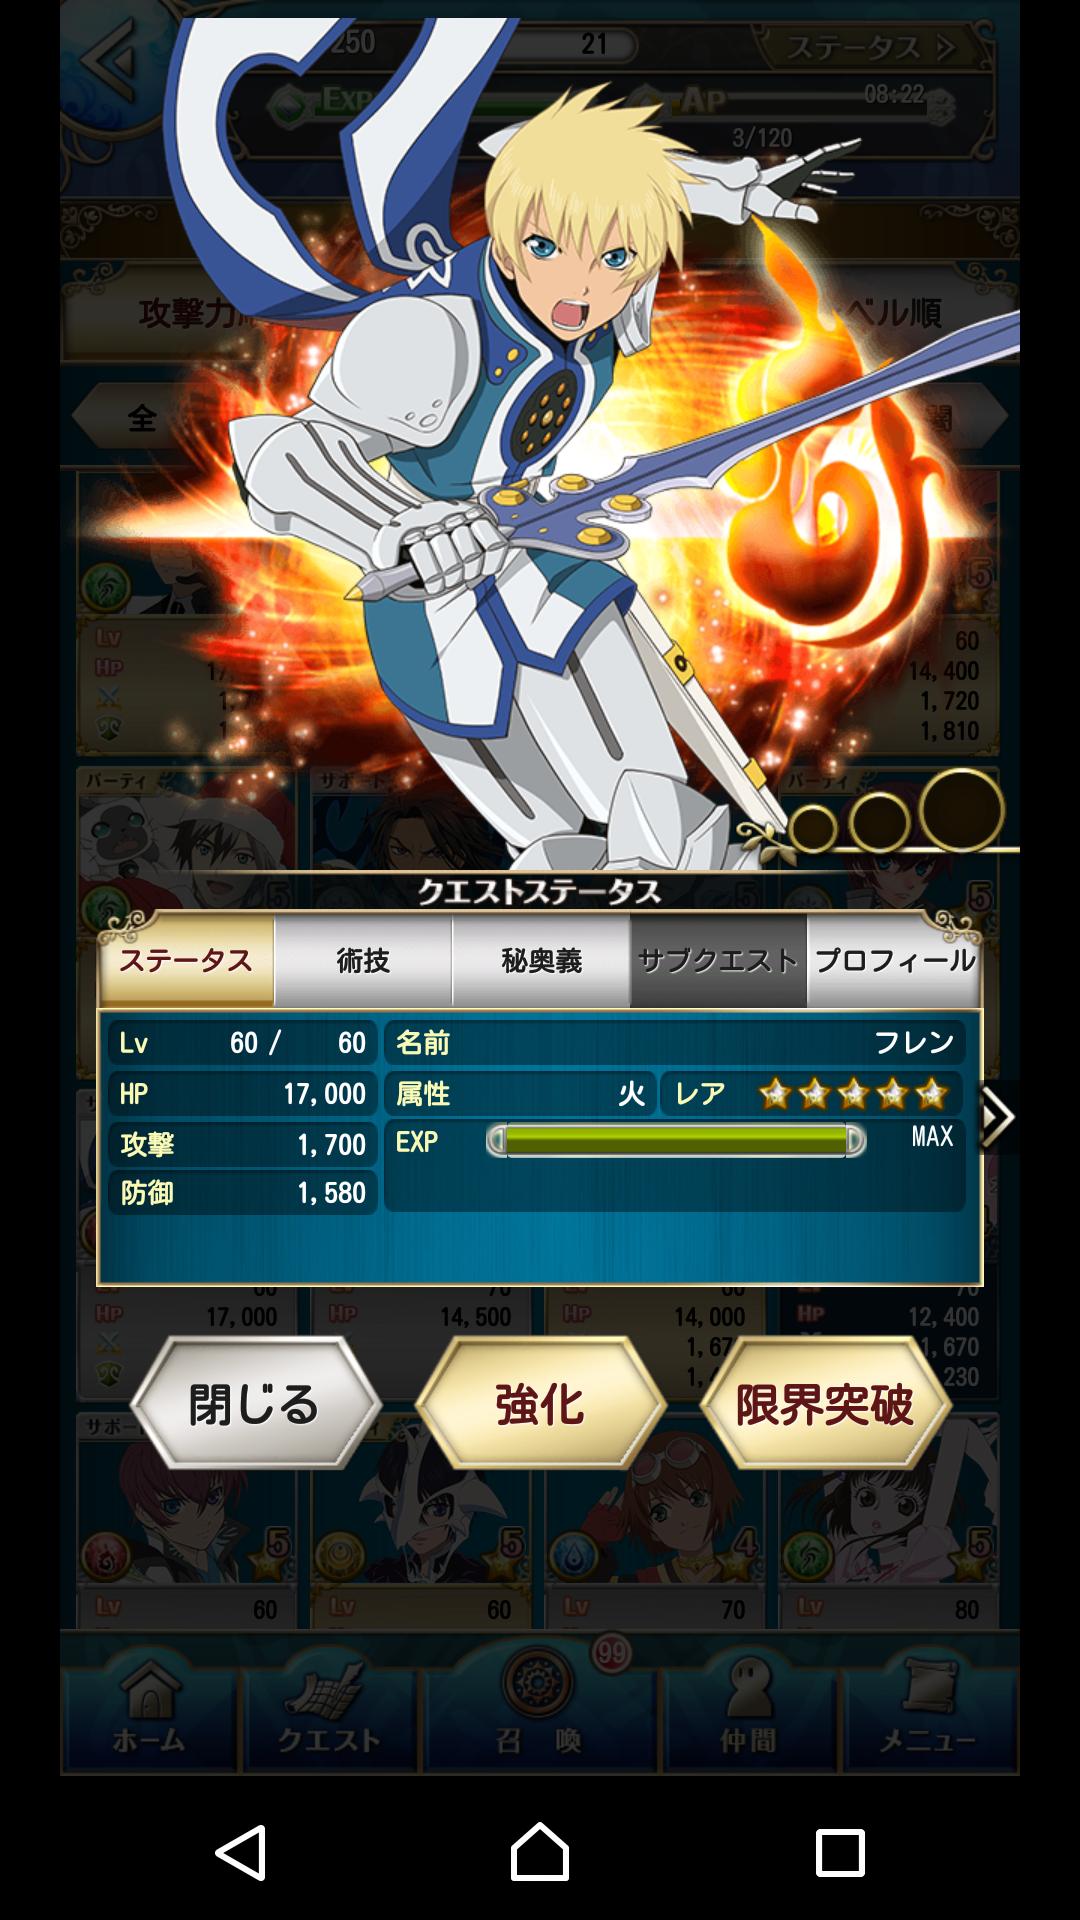 ☆5確定雫 火フレン